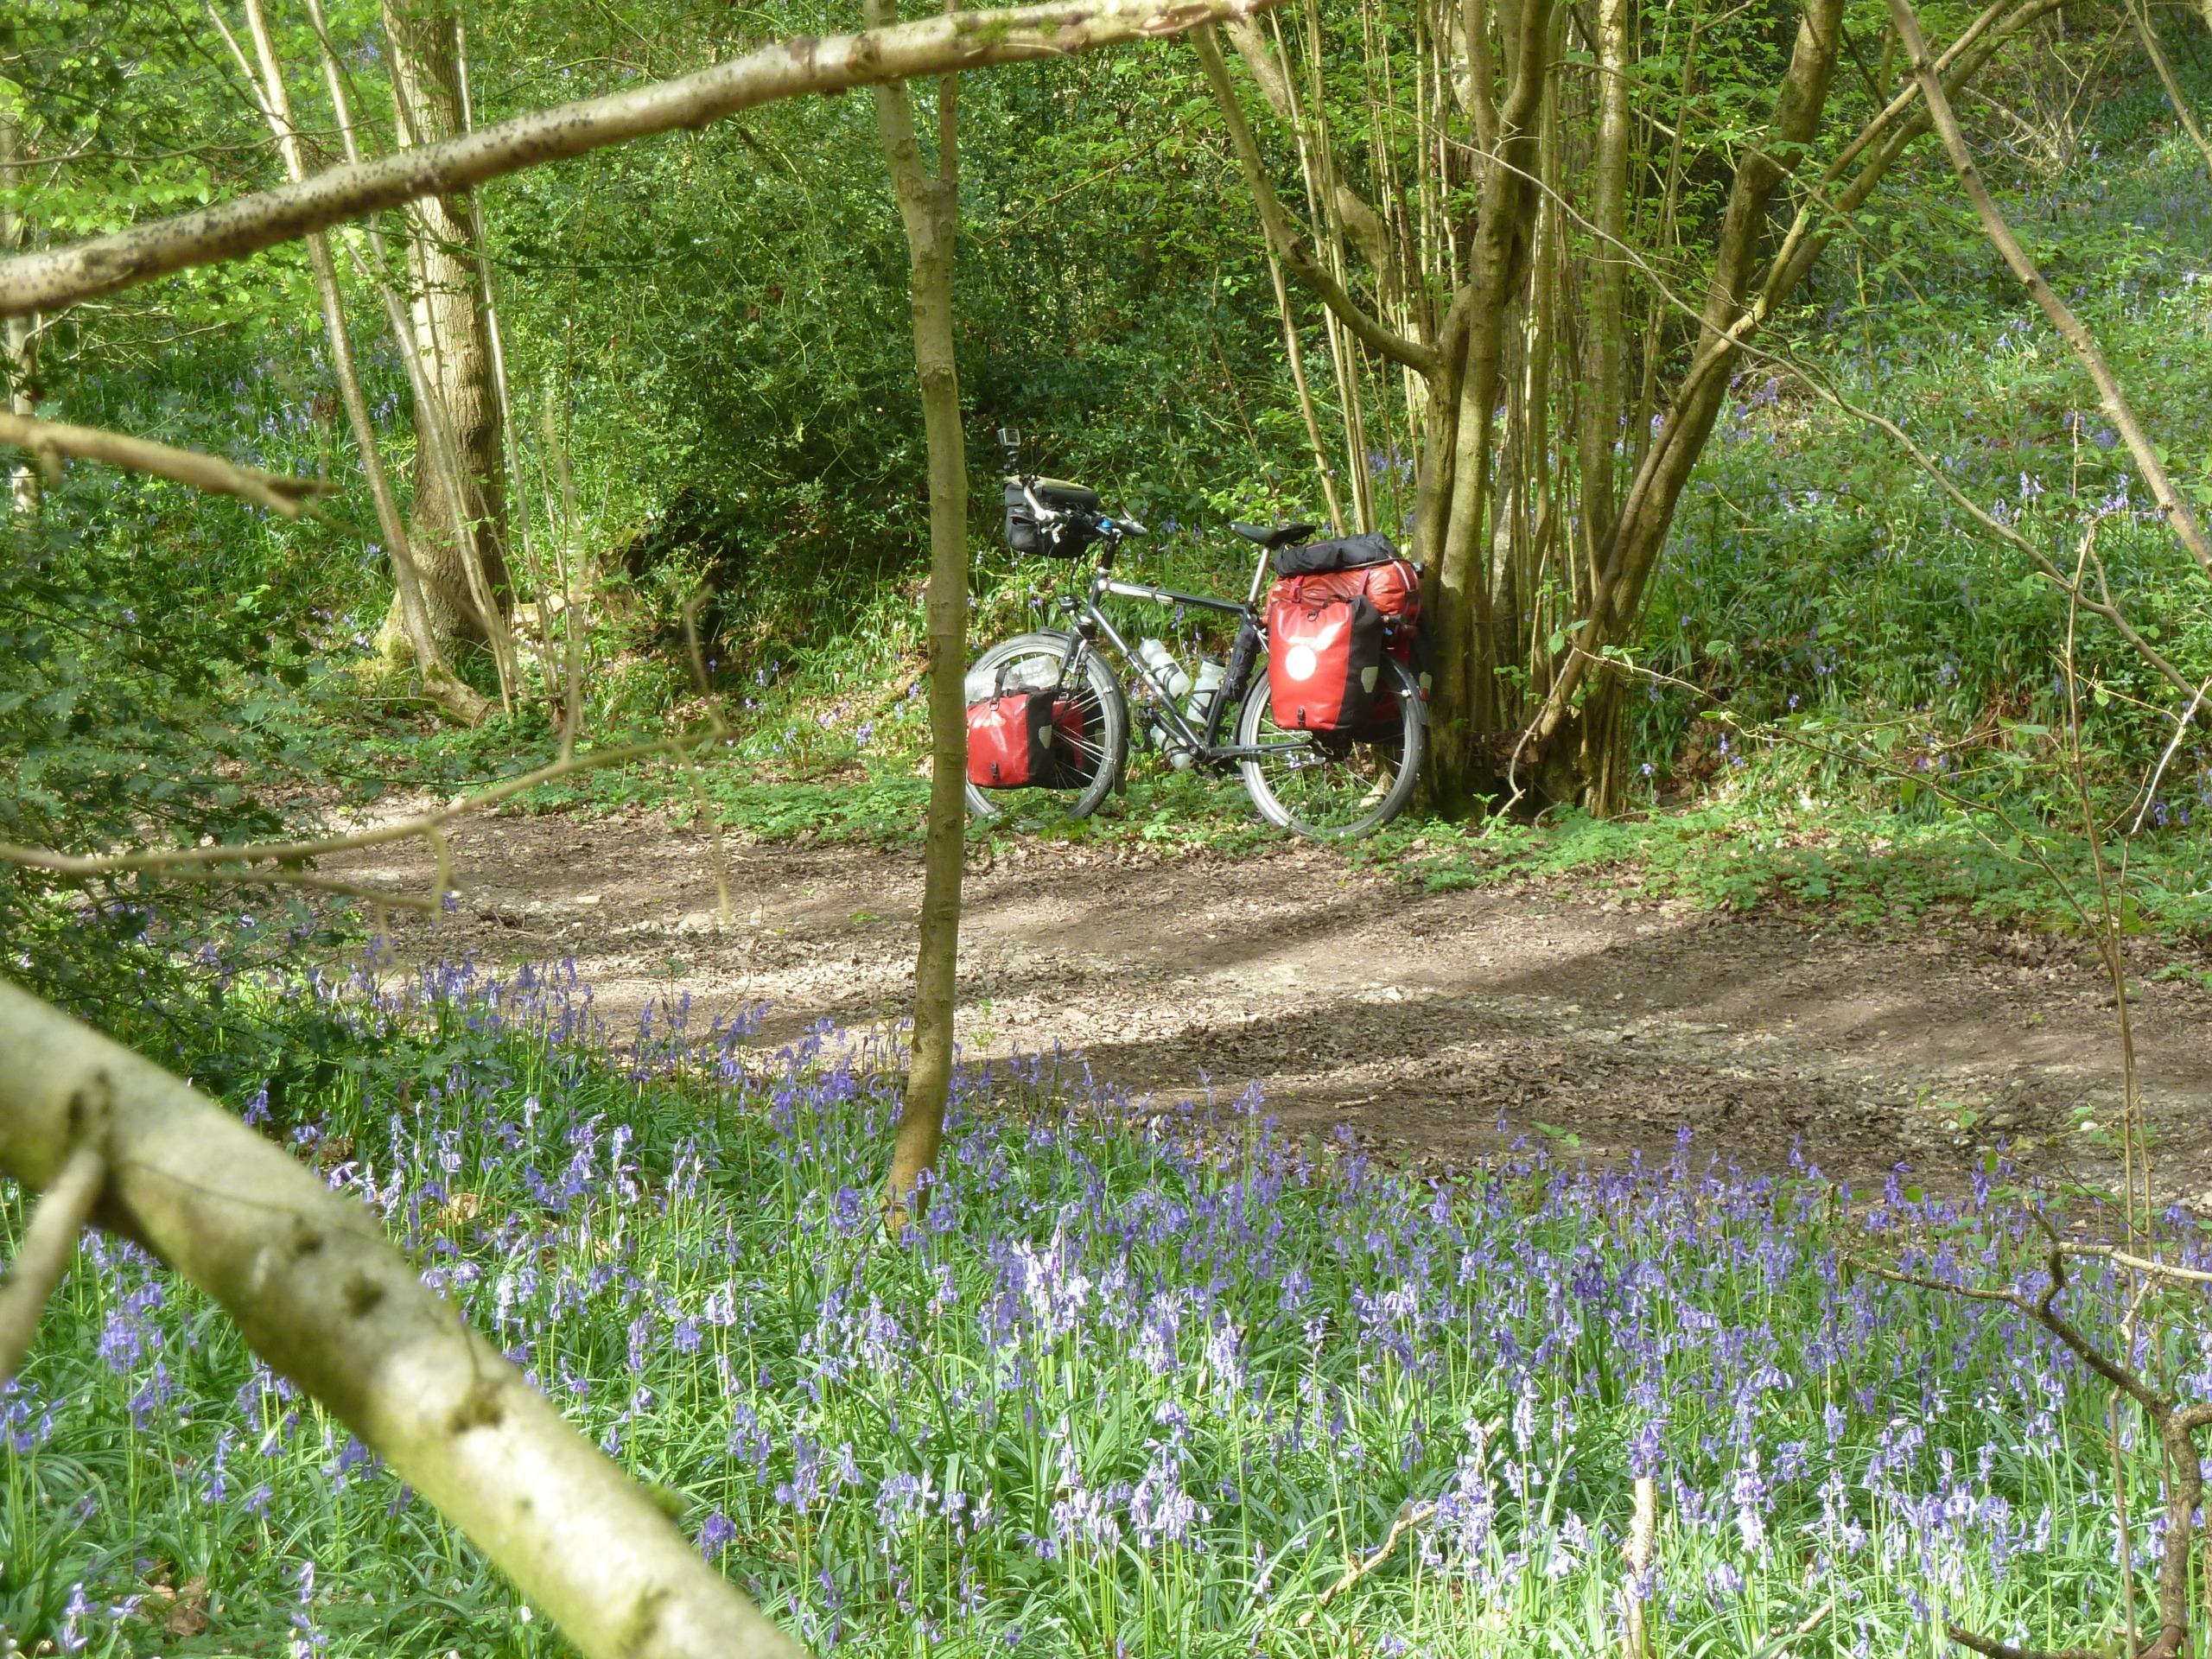 Bluebells in Selsdon Woods